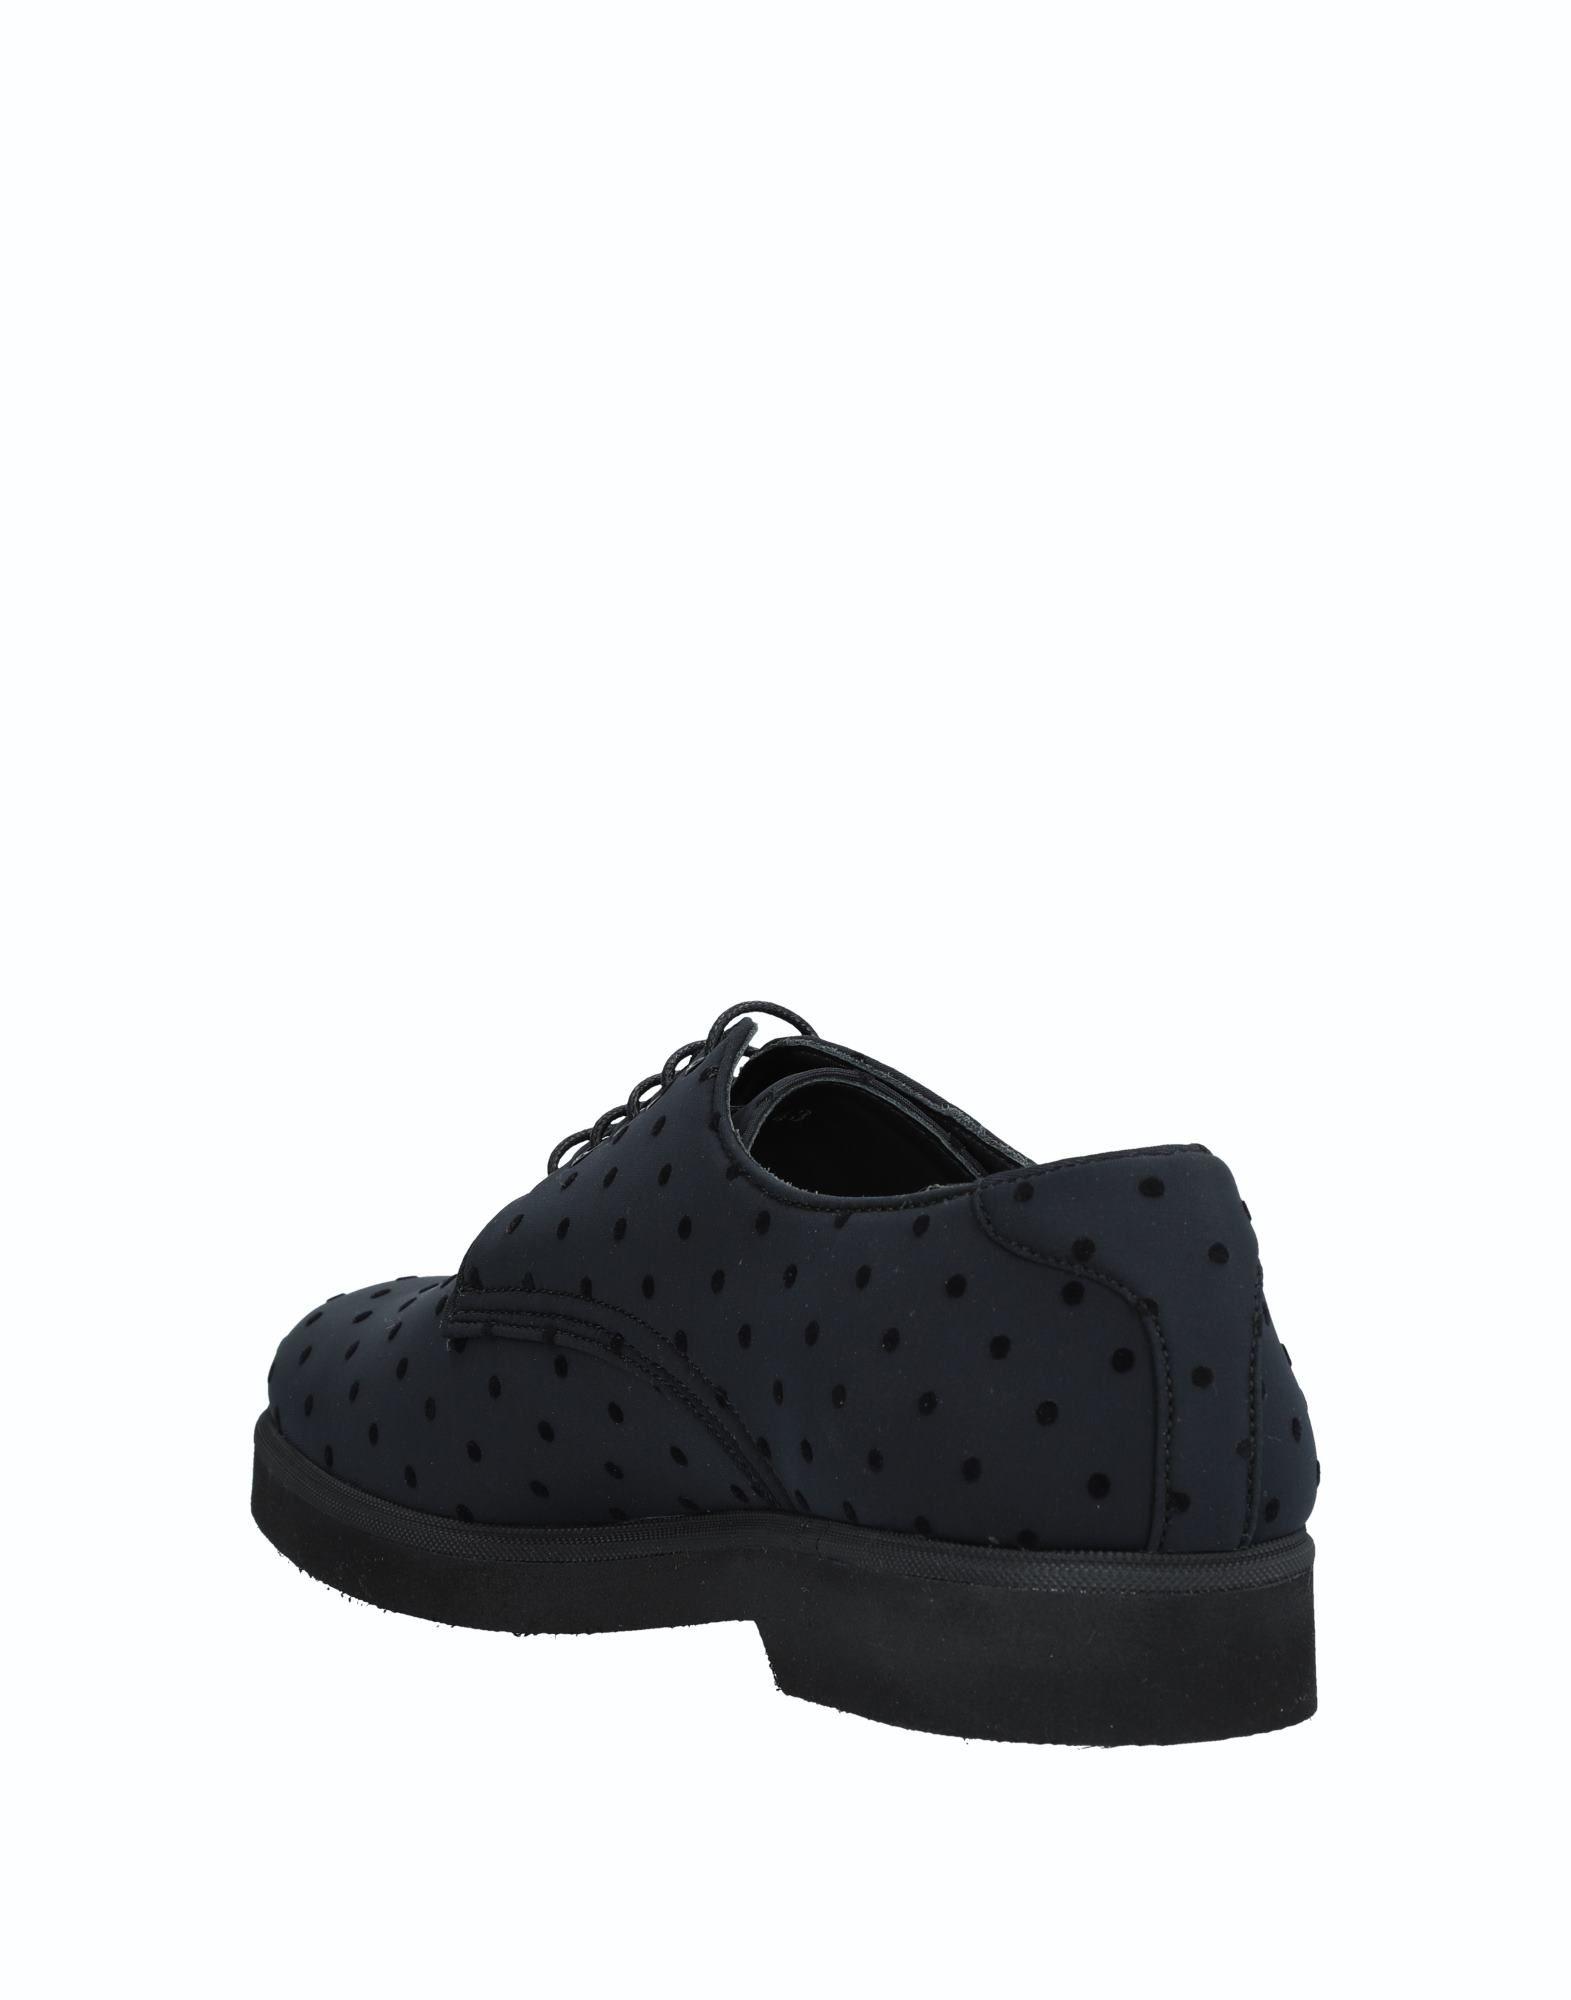 Gold Brothers Schnürschuhe Herren  11537451NE Gute Qualität beliebte Schuhe